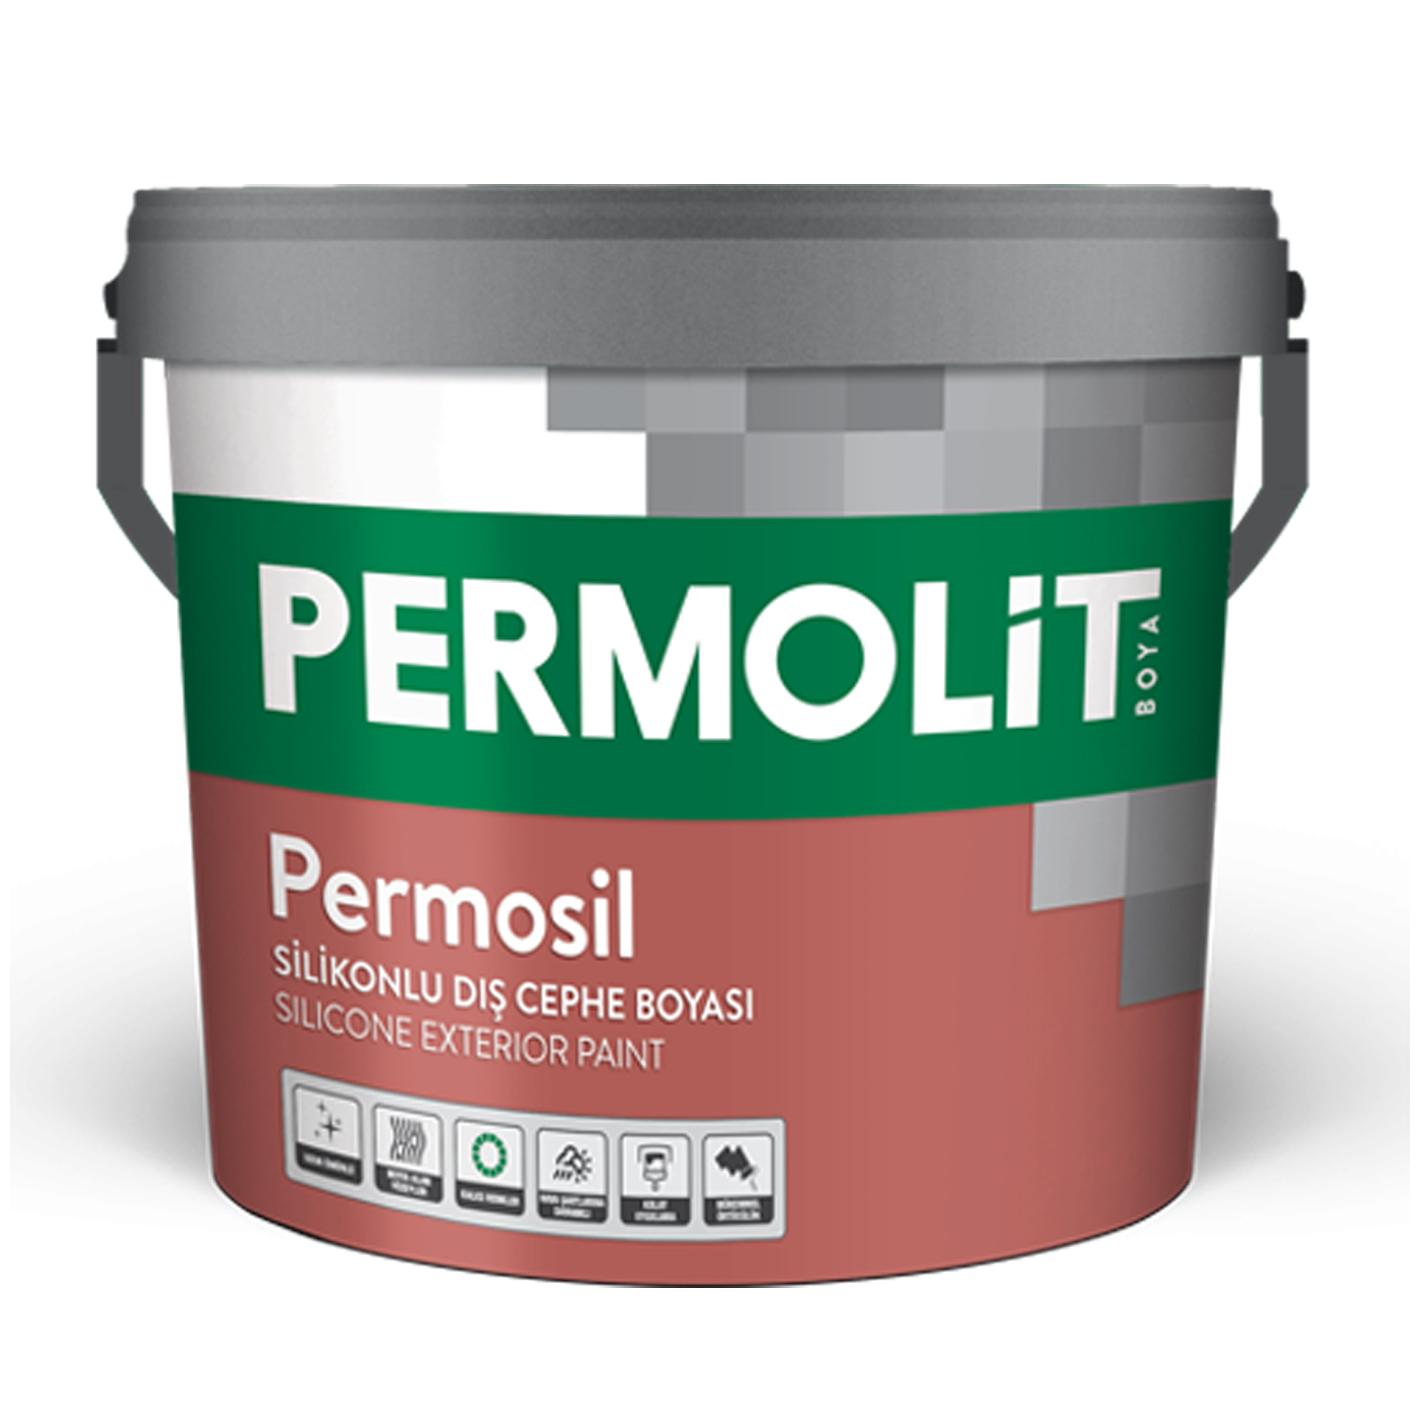 Permolit Permosil Dış Cephe Beyaz Baz 10Kg